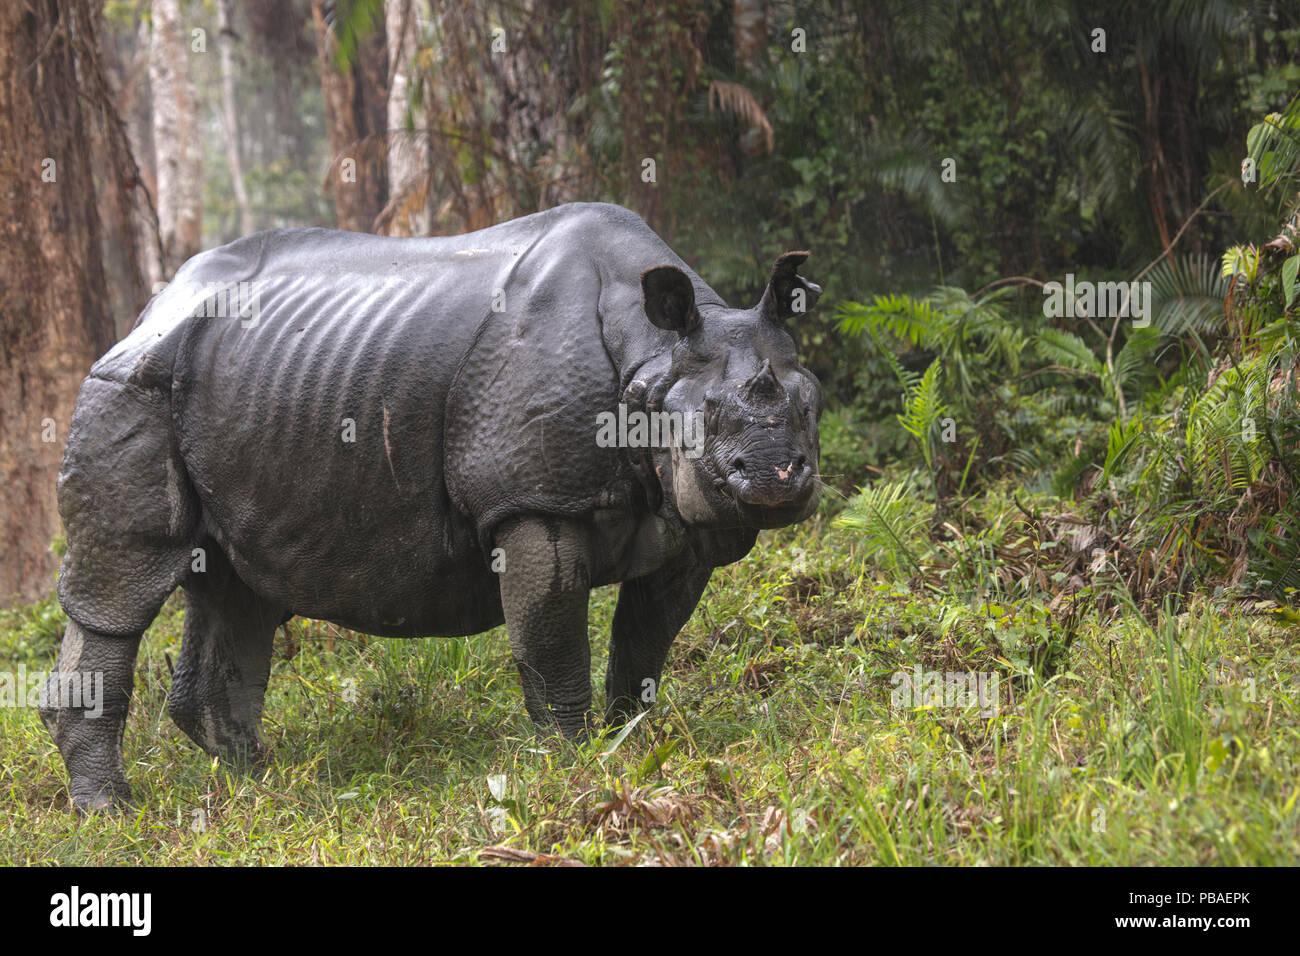 Indian rhinoceros (Rhinoceros unicornis) male after rainfall, Kaziranga National Park, India. - Stock Image